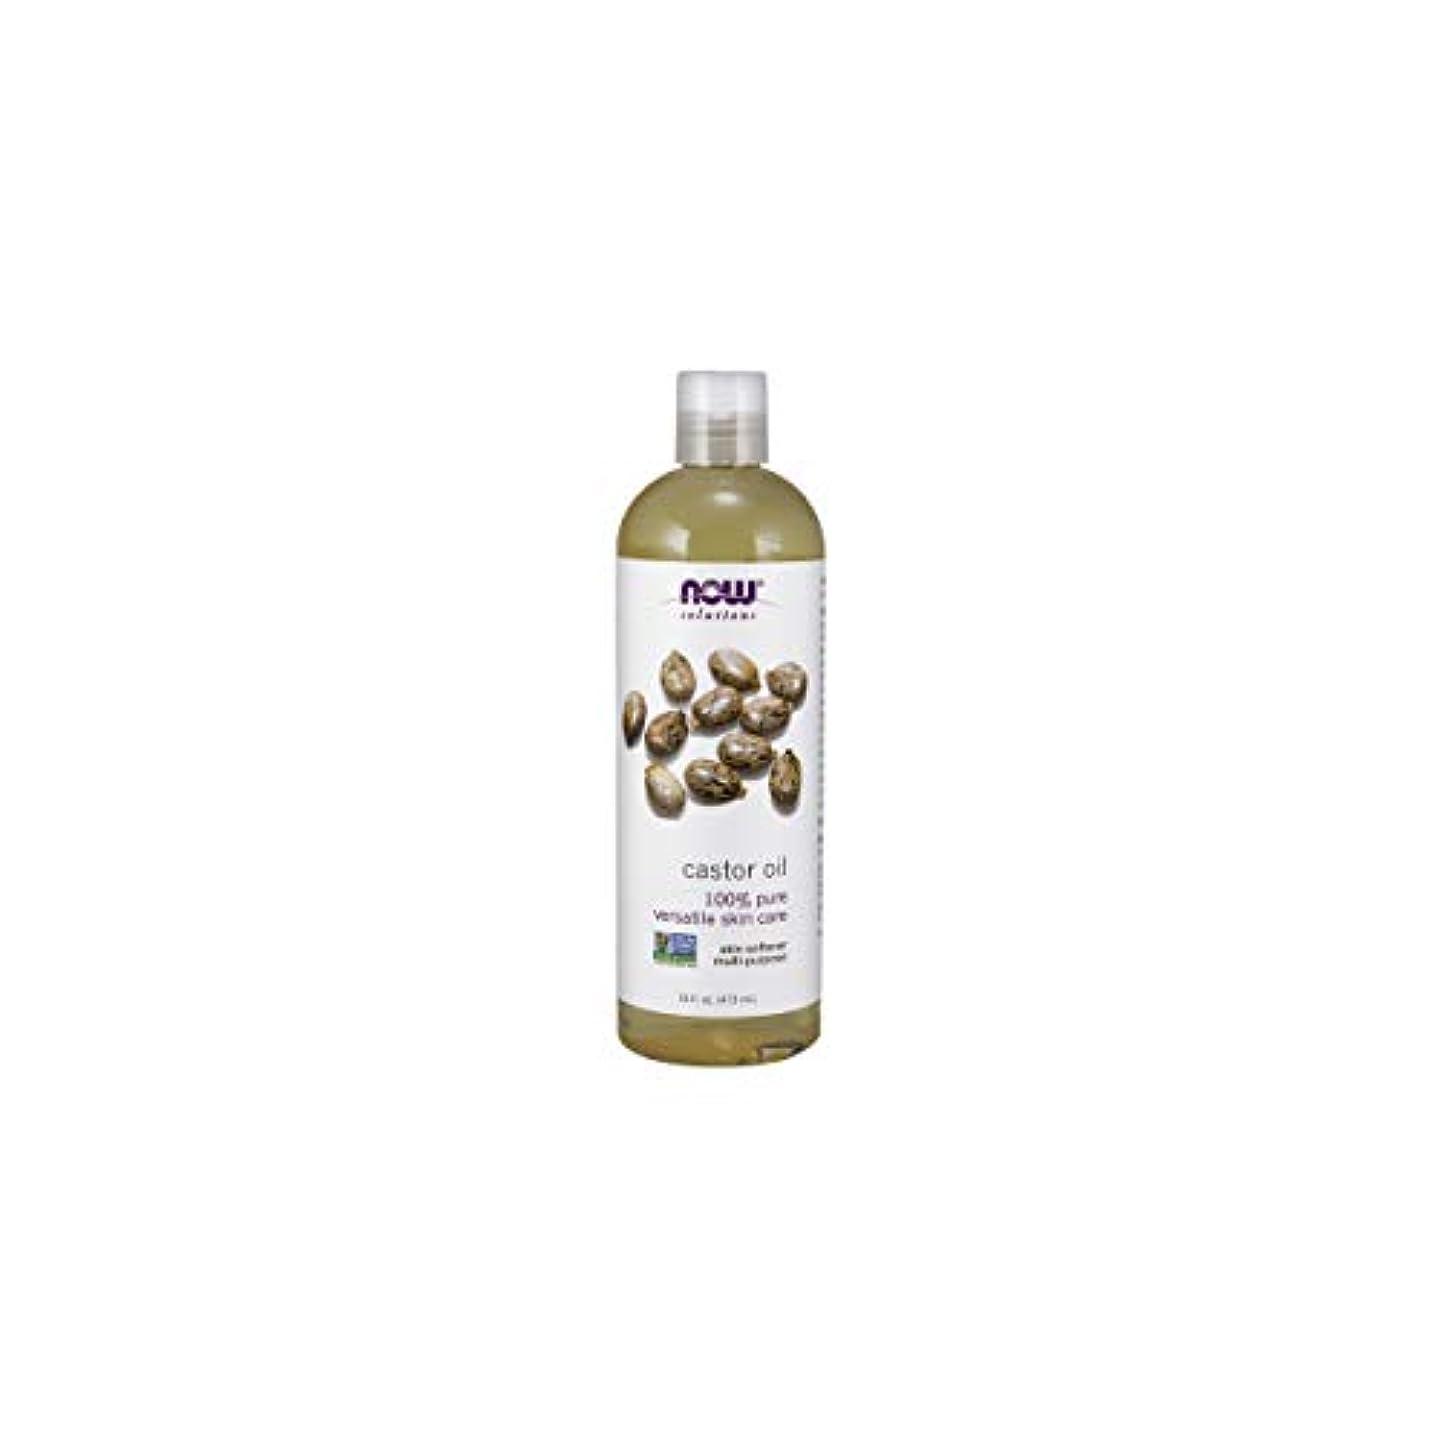 衝突コース病院新しい意味NOW Foods Castor Oil, Pure, 16 ounce (Pack of 2)